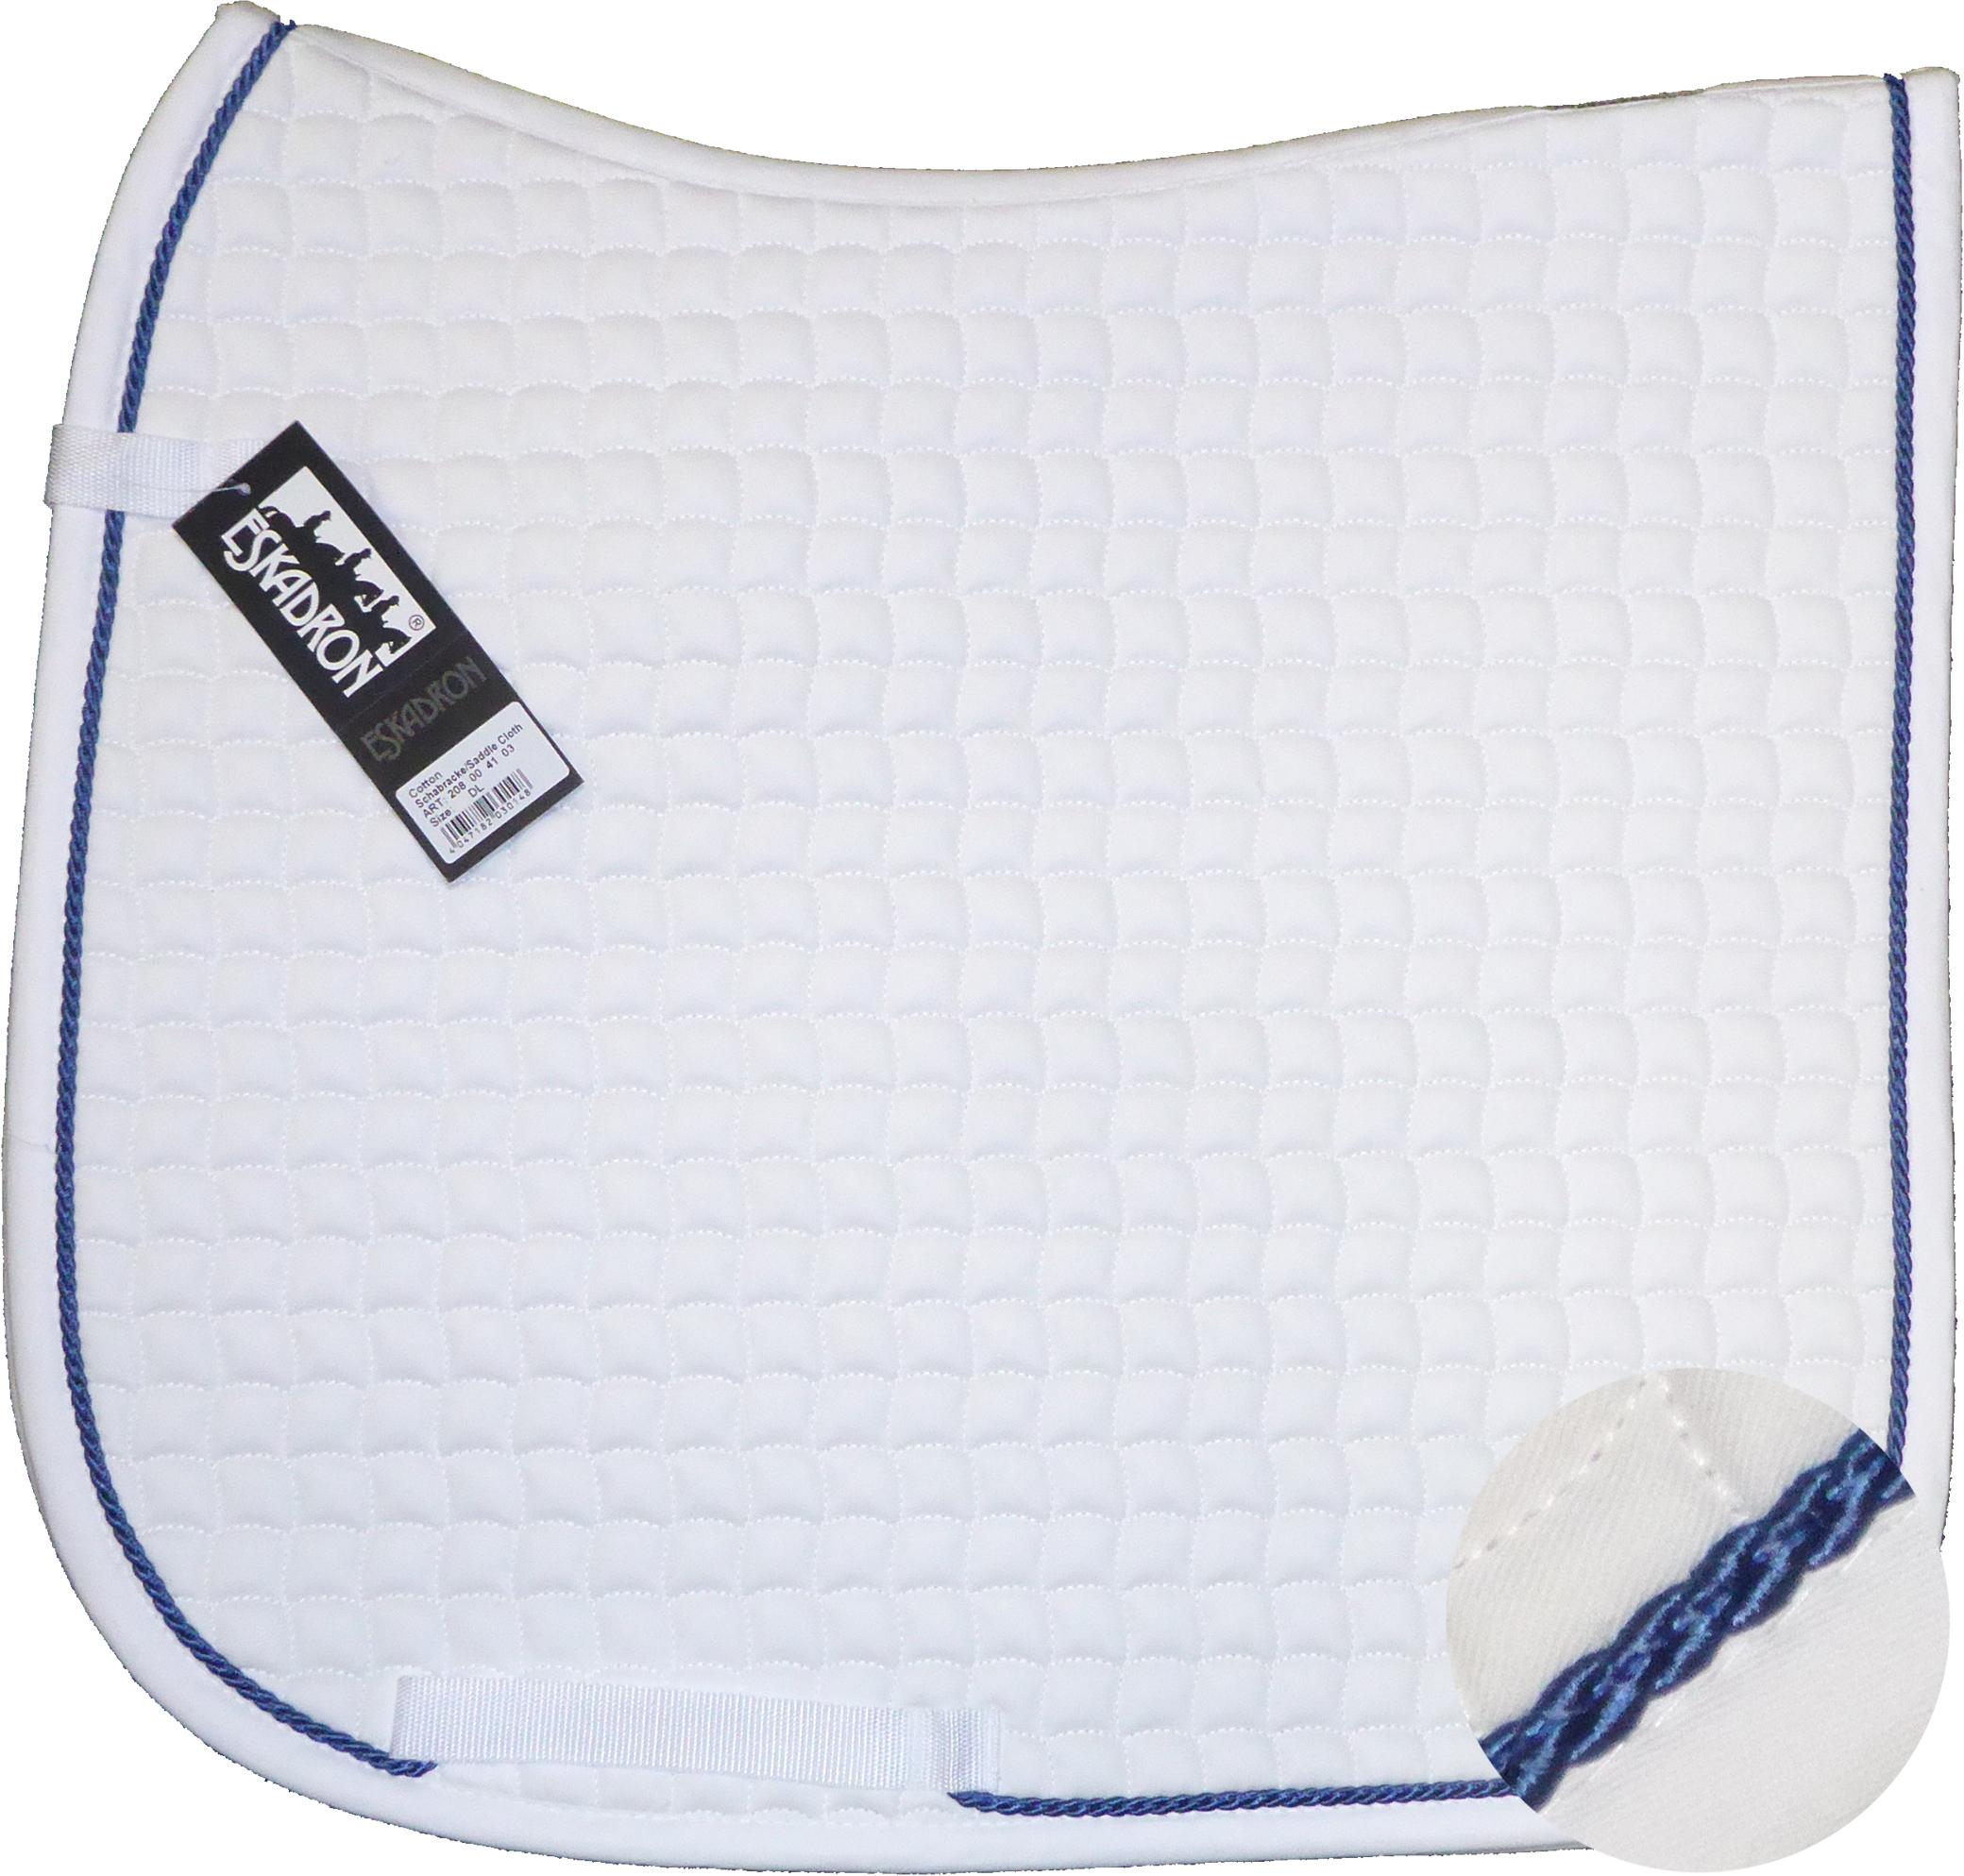 ESKADRON Cotton Schabracke white, einer Kordel in jeans (5040)